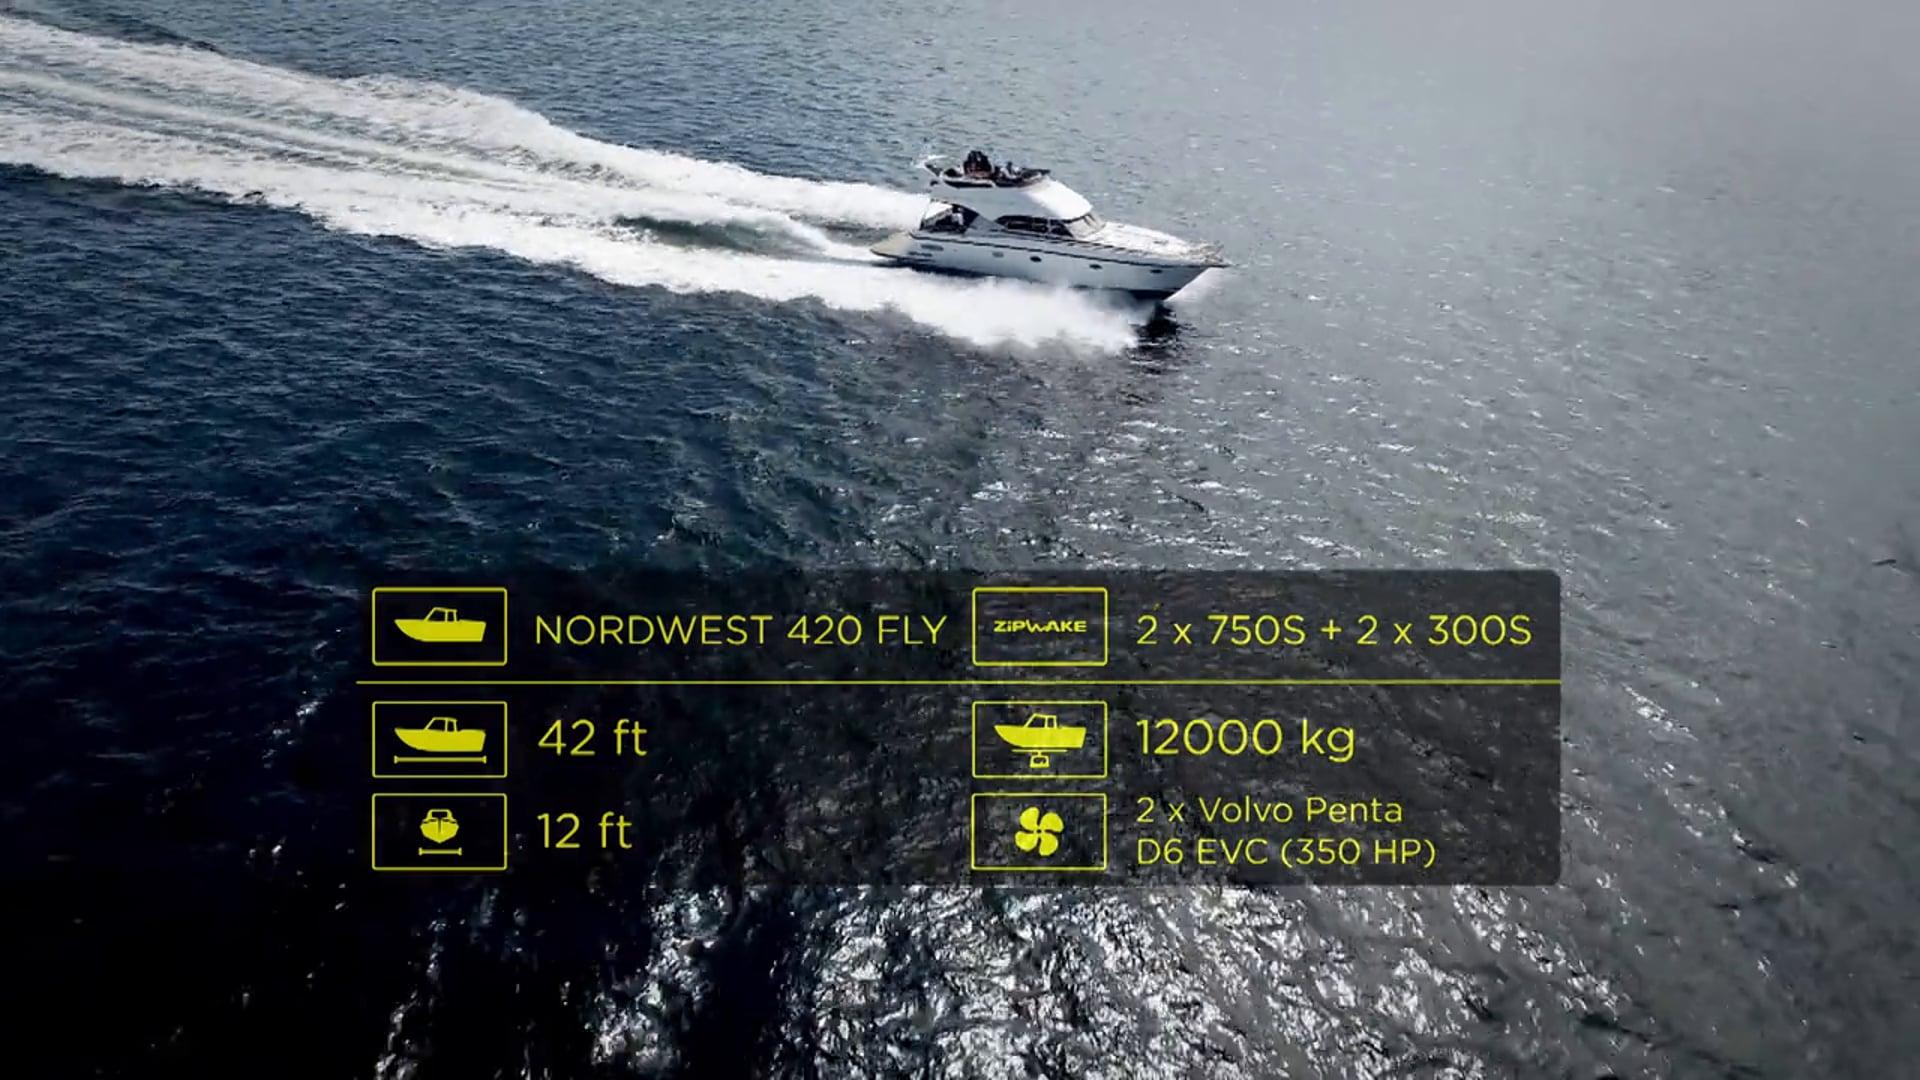 Zipwake Sea Trial NW 420 Flybridge